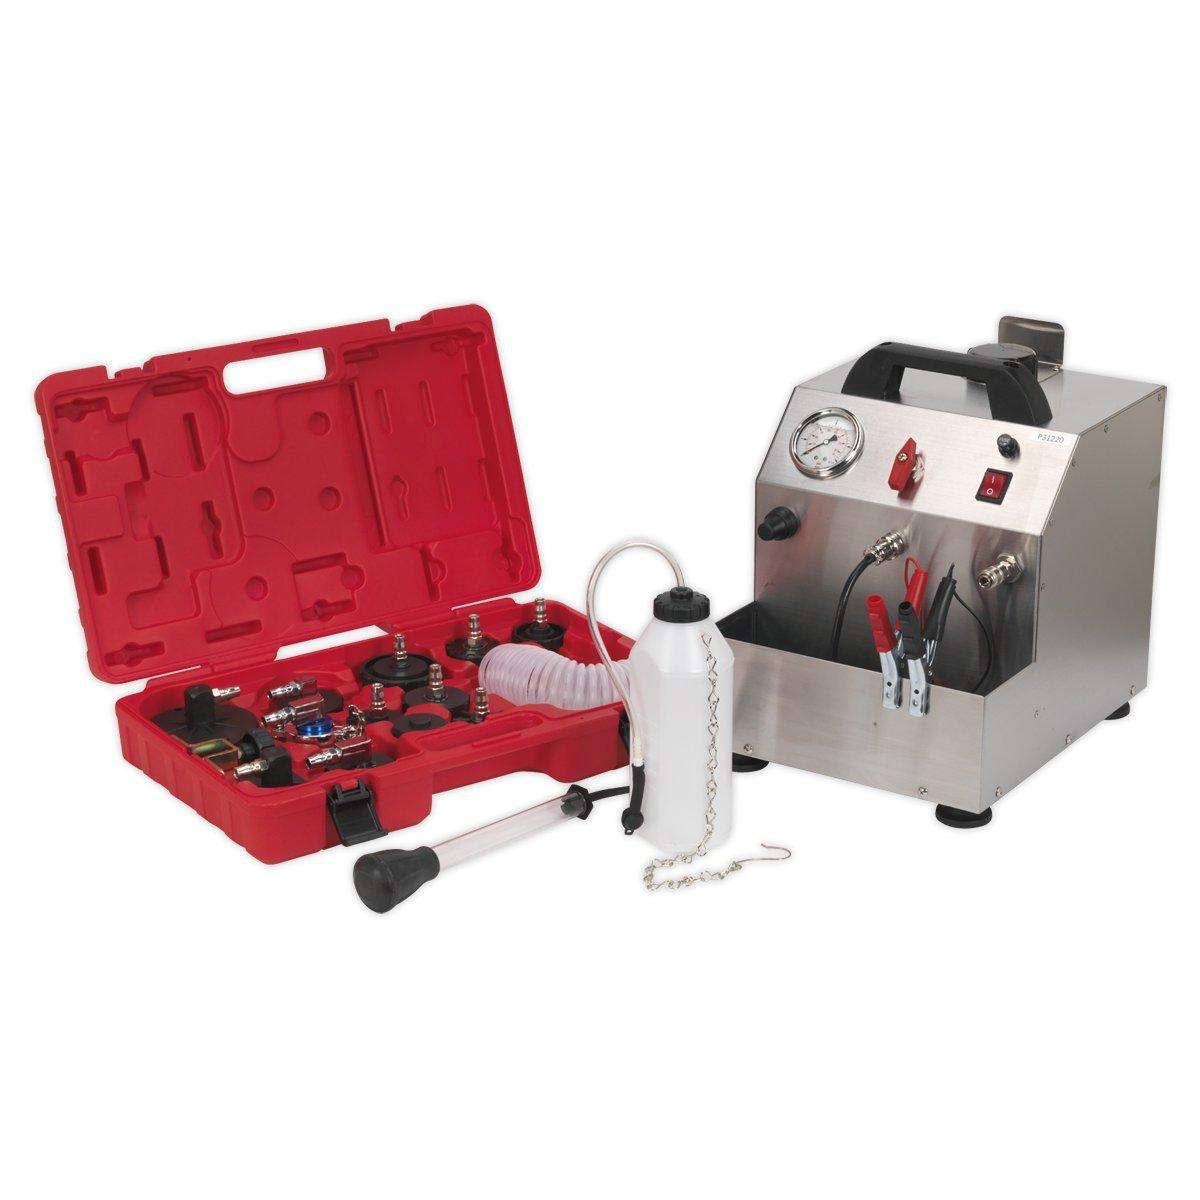 Sealey VS0207 freno y de presión del embrague 12v kit de purga: Amazon.es: Coche y moto